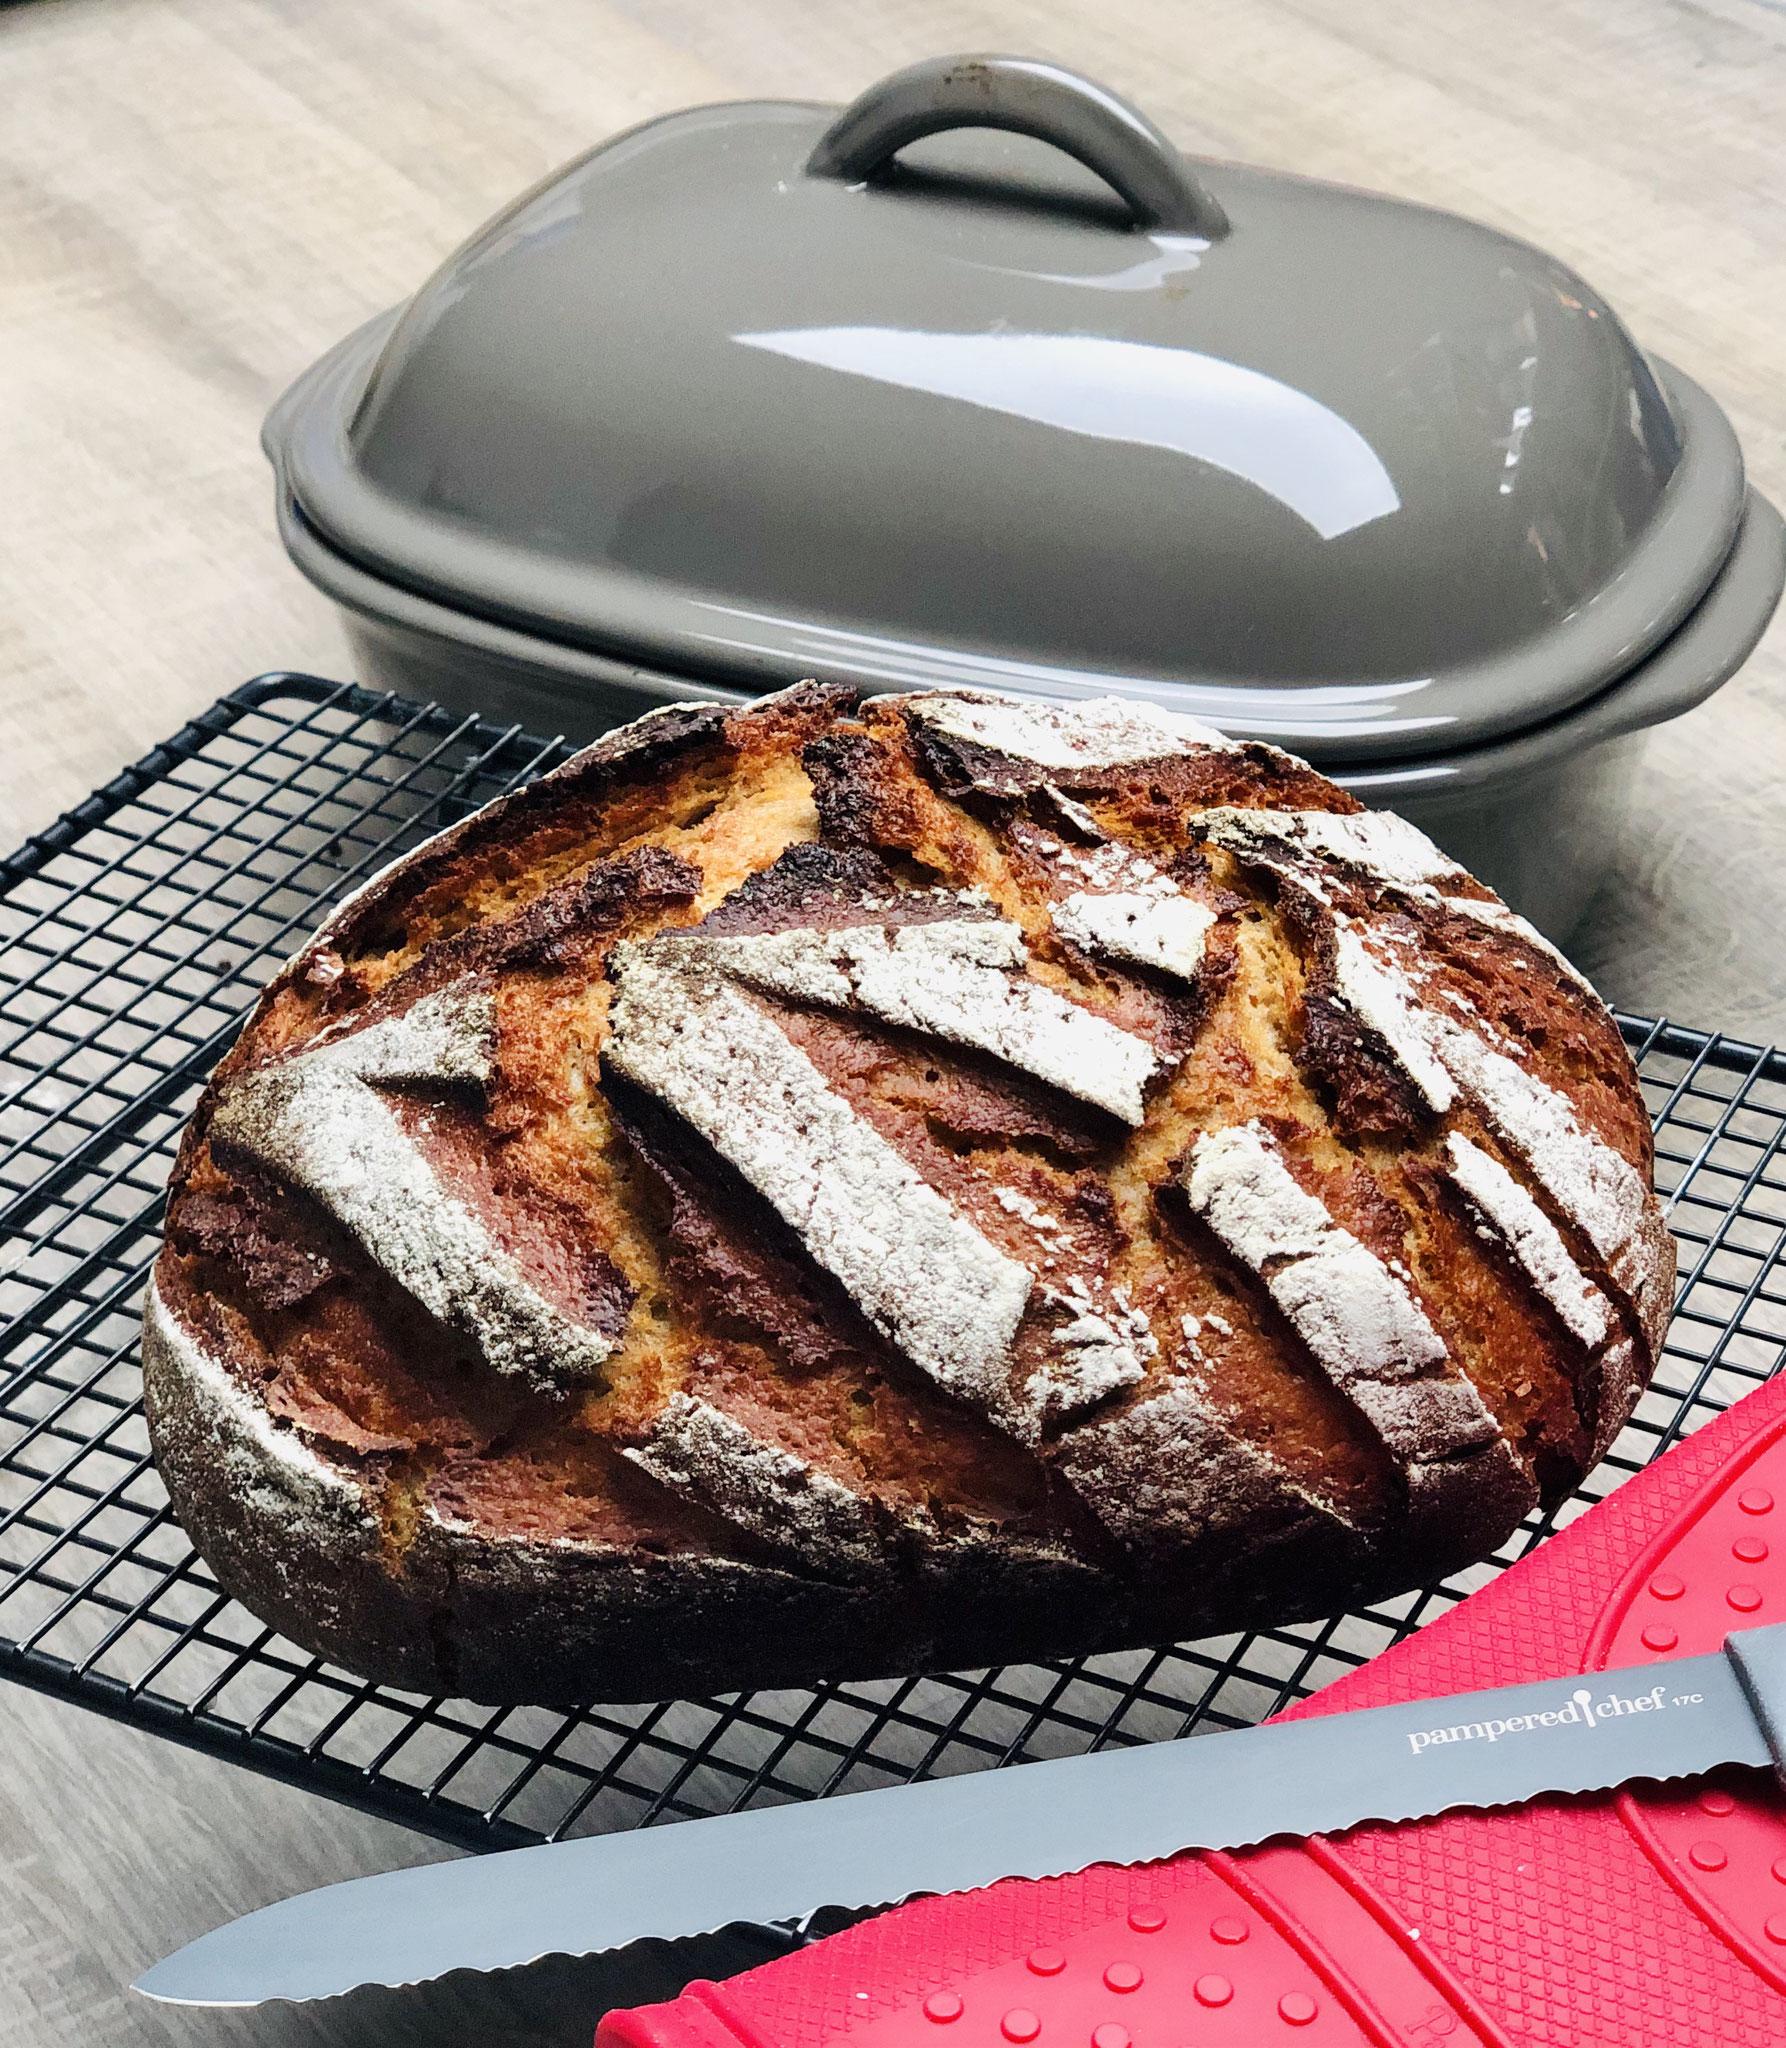 Mit dem genialen Brotmesser grau von Pampered Chef, kannst du sogar schon das warme Brot aufschneiden - wenn du es wie ich nie abwarten kannst ♥